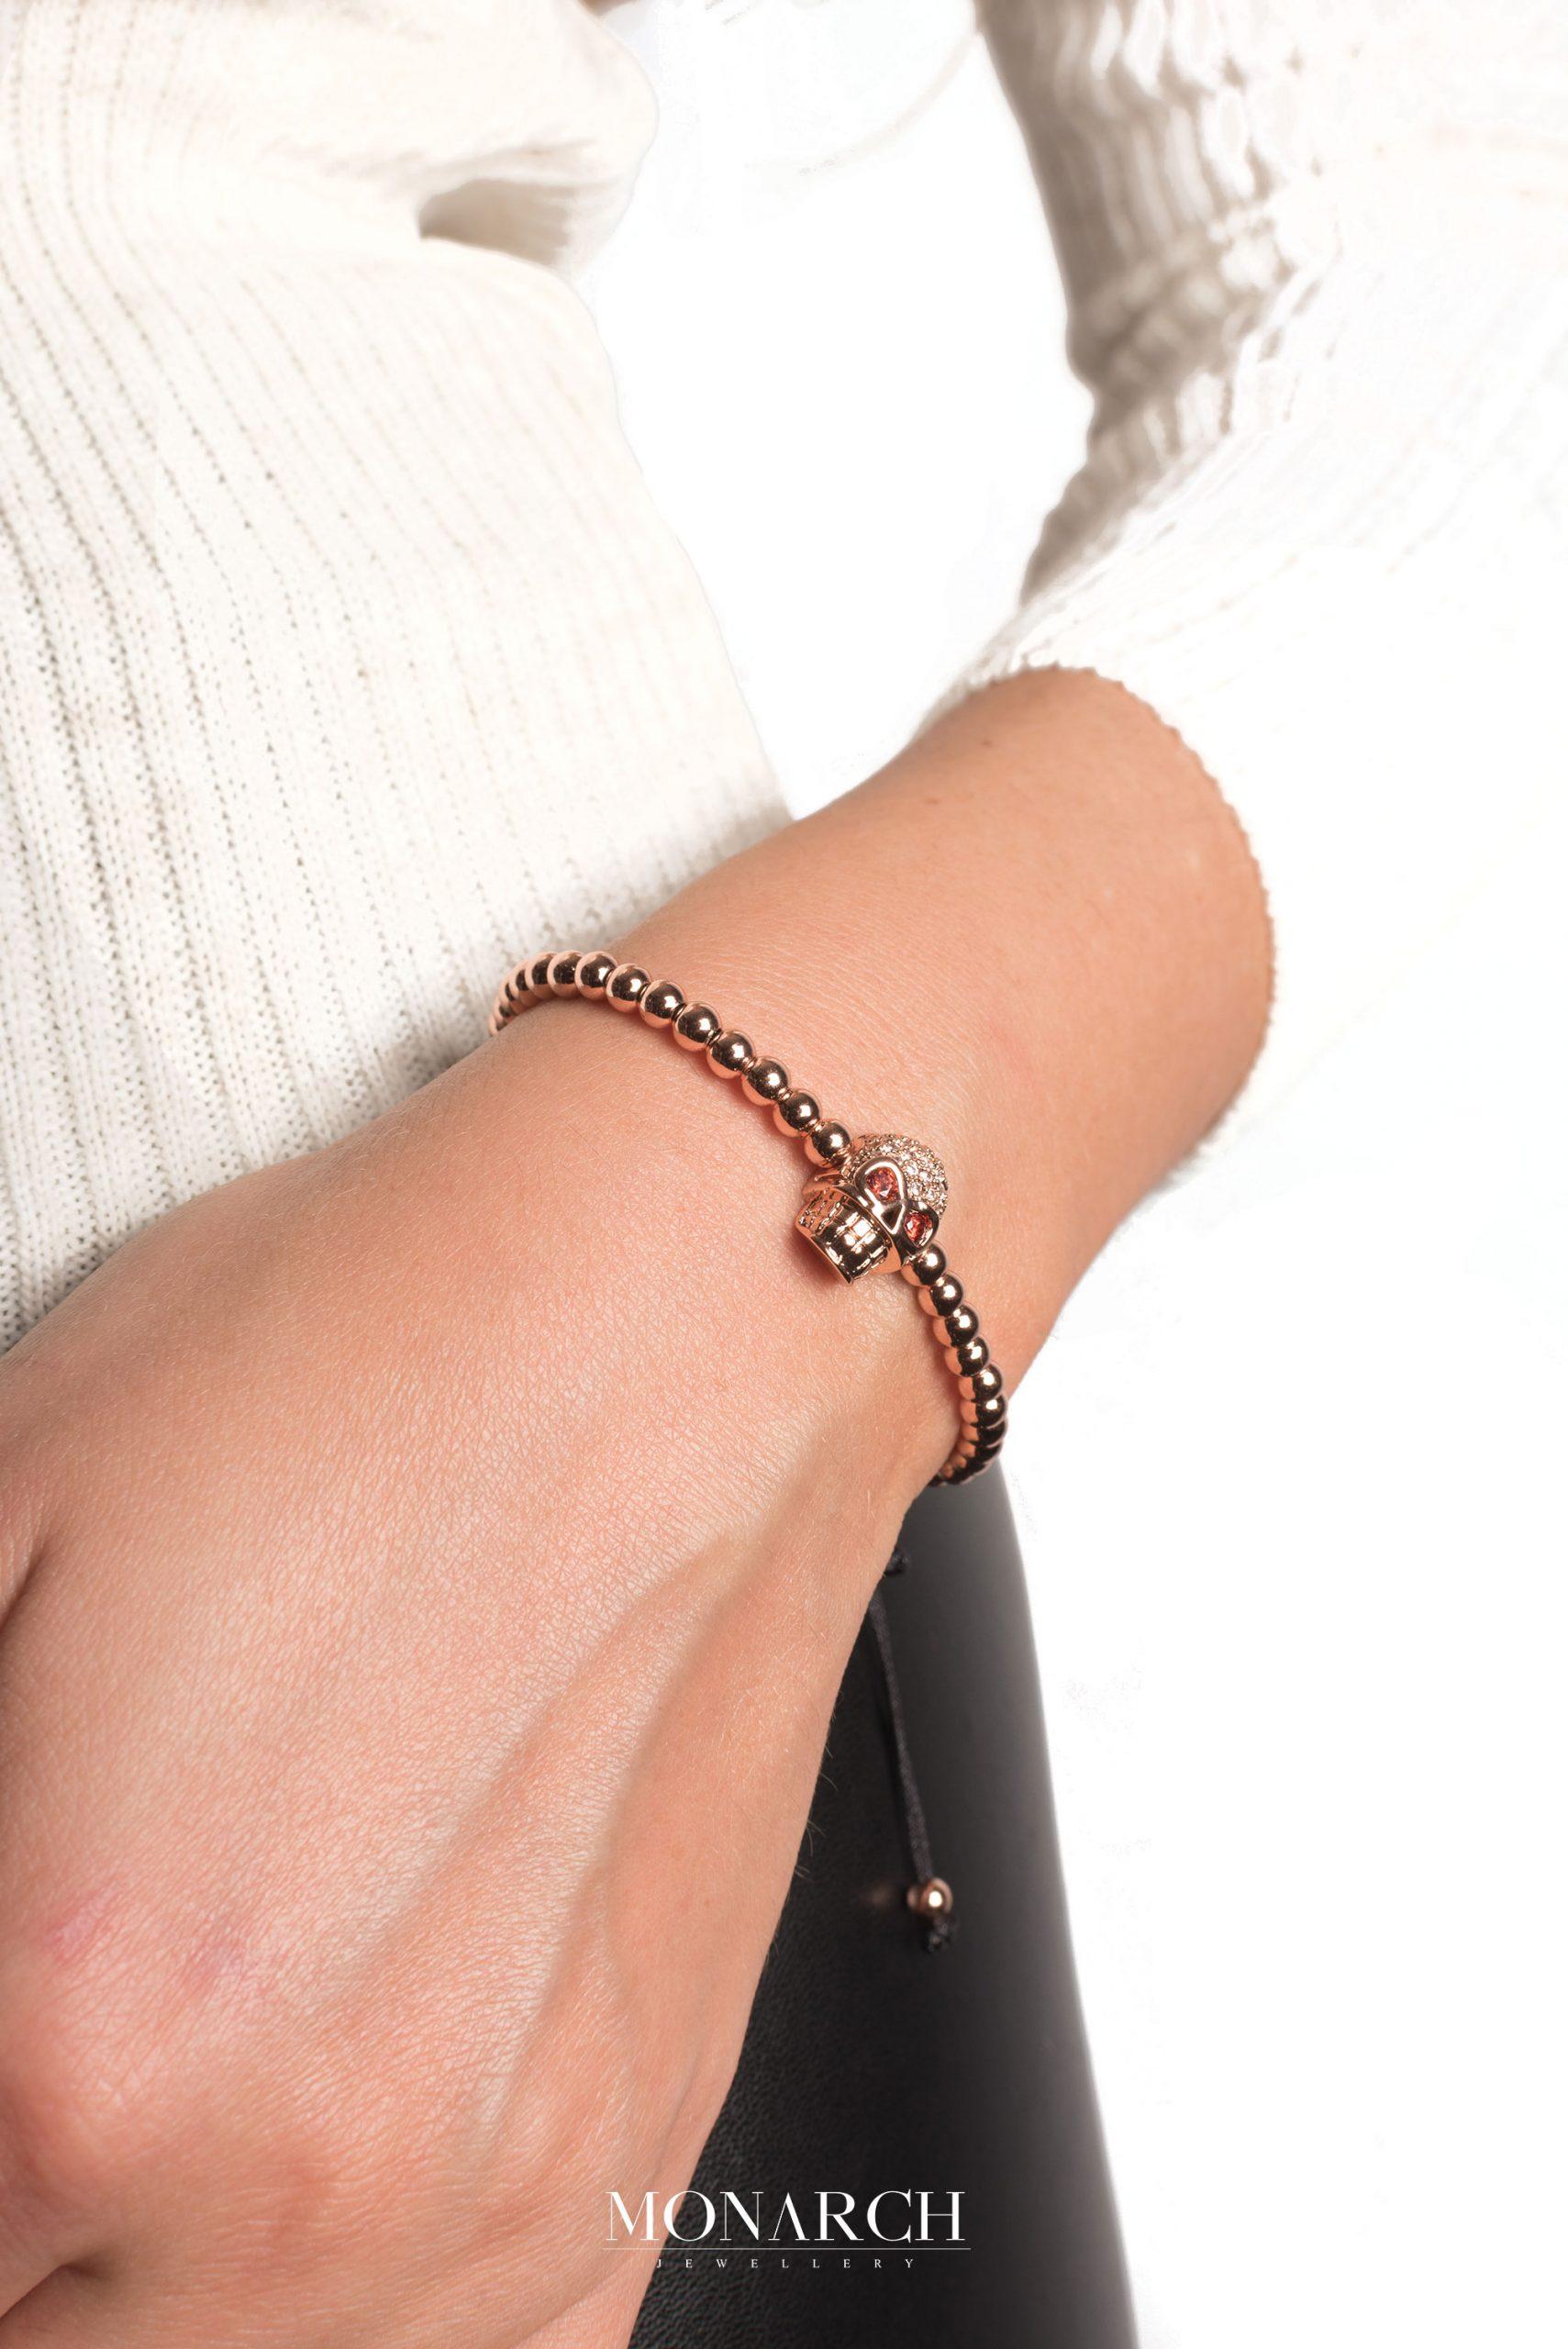 Monarch Jewellery Luxury Bracelet MA163RGZ women